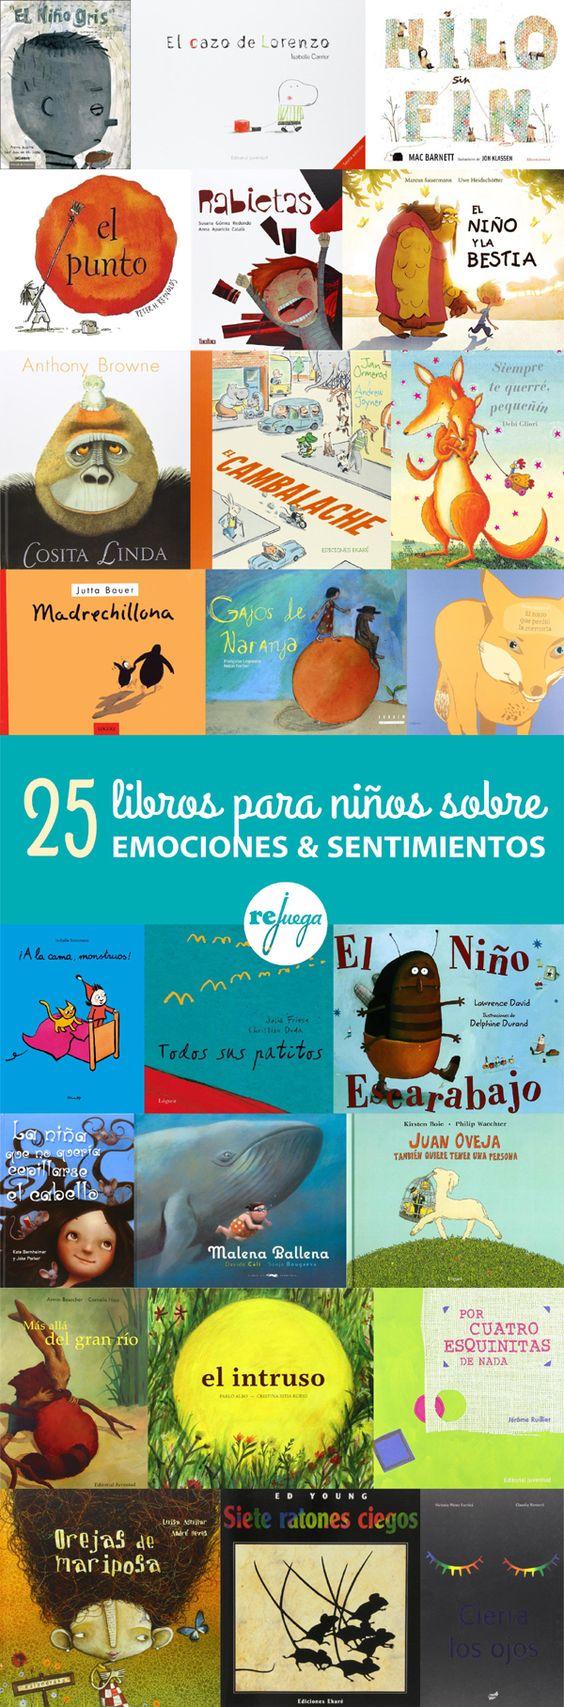 25 libros para niños y padres sobre emociones y sentimientos. Una forma de enseñar #educaciónemocional. Seleccionados por el Institut de la Infància